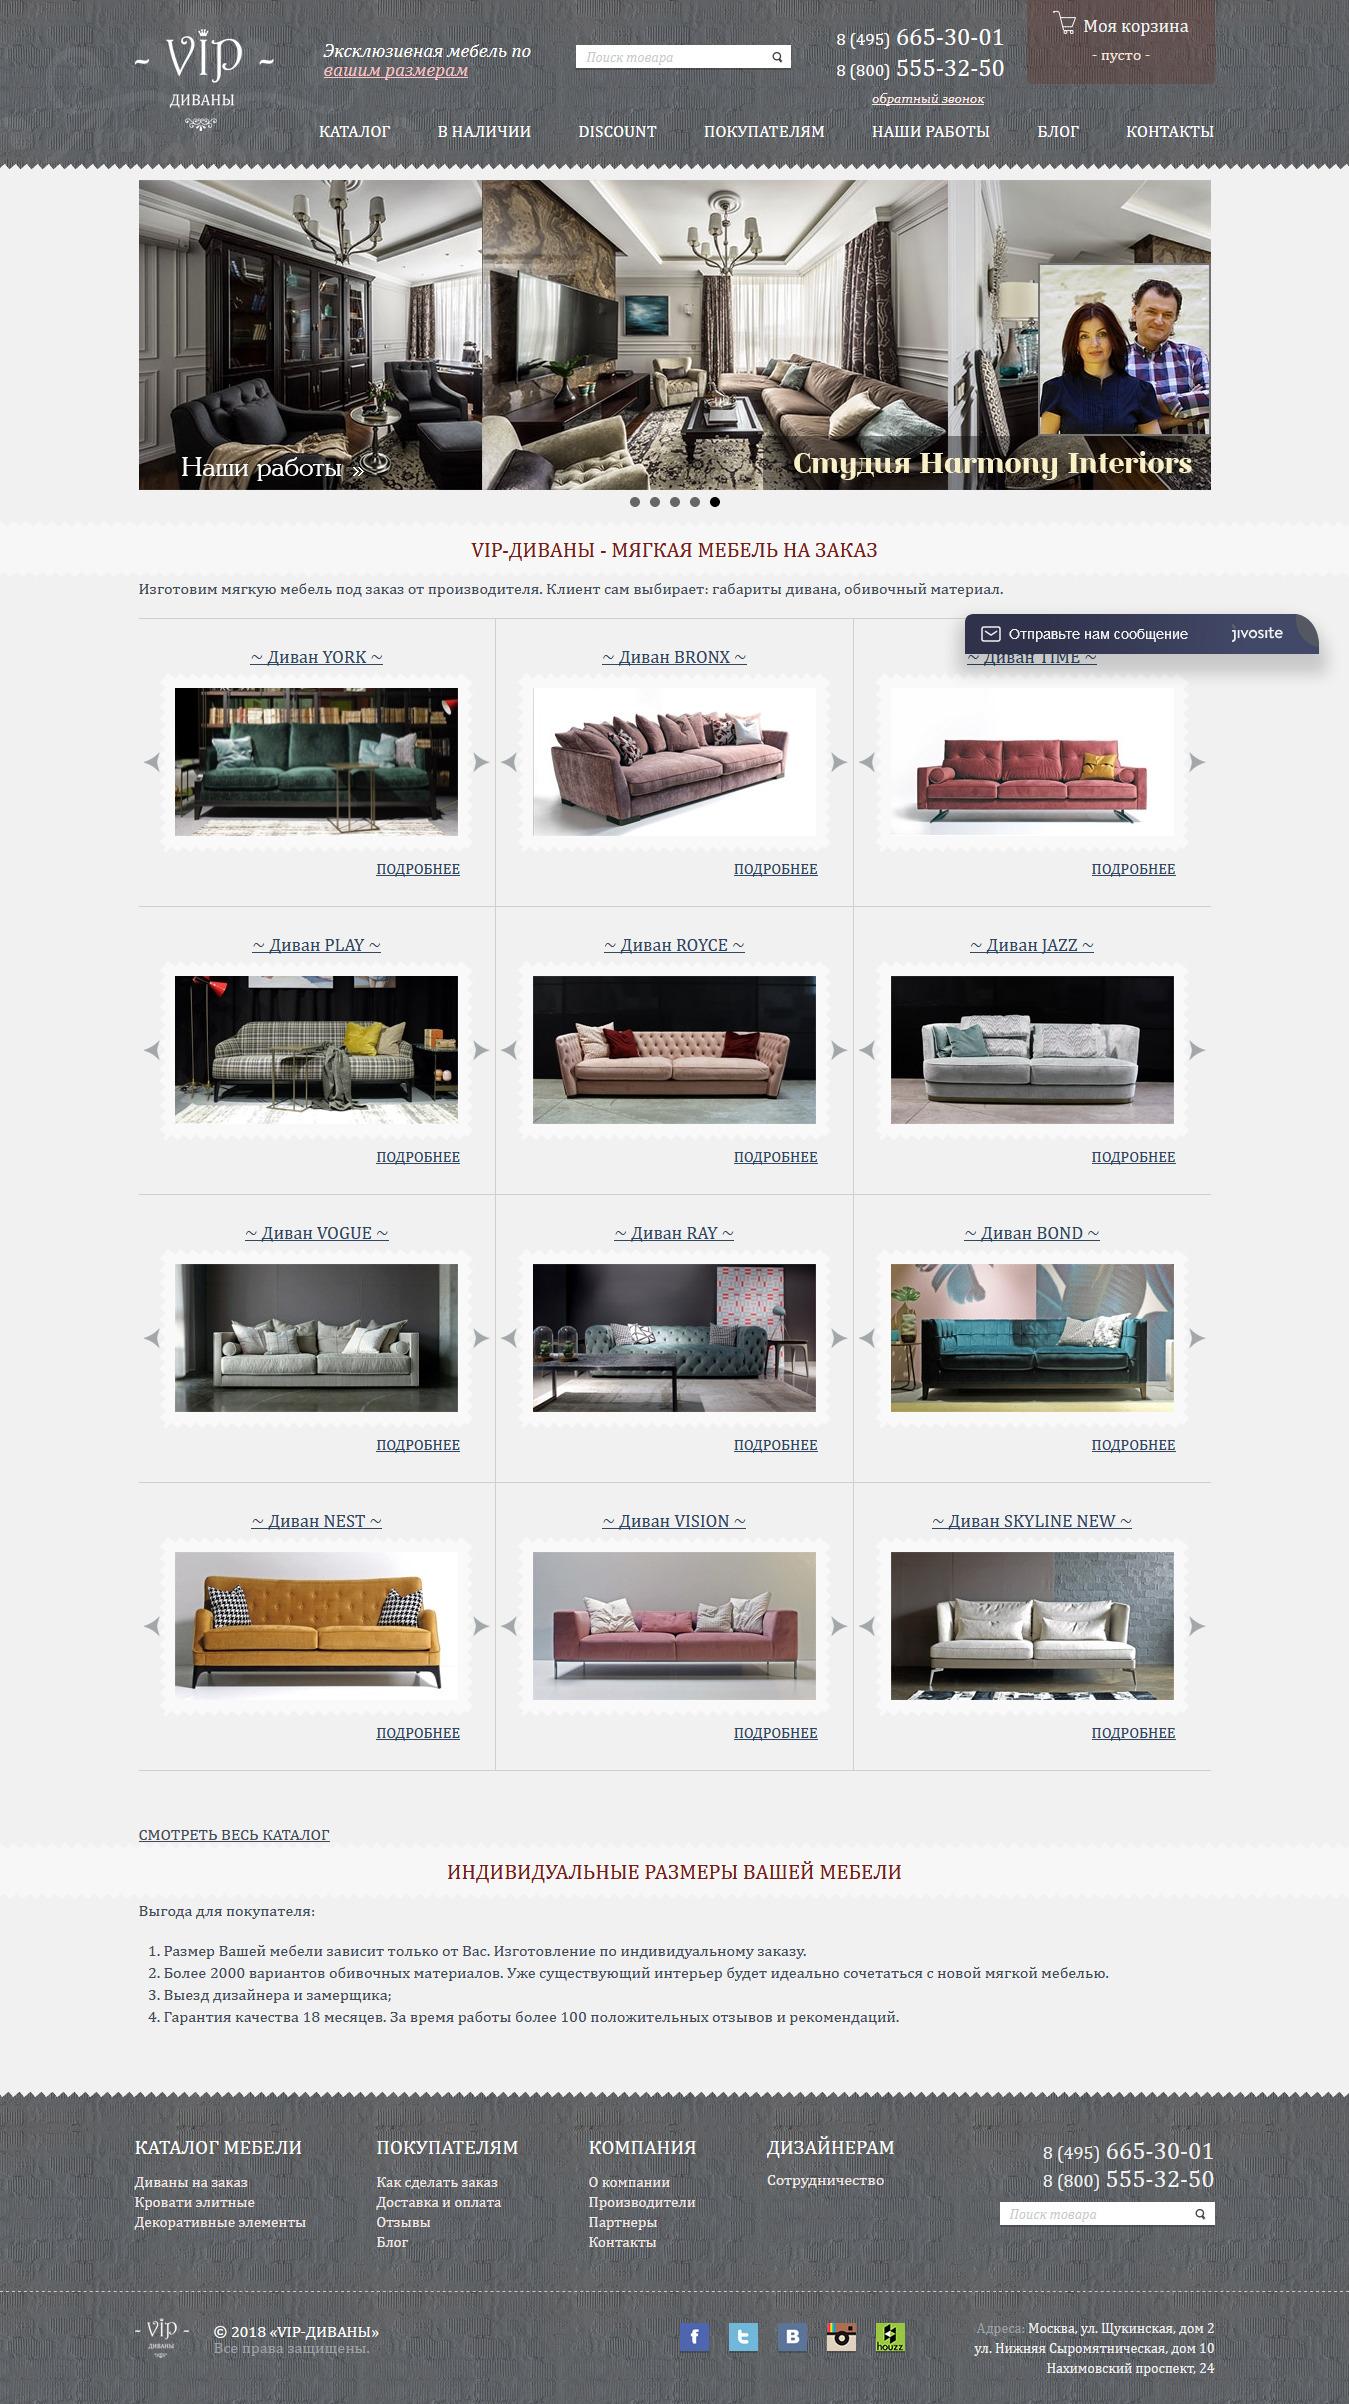 VIP-Диваны Изготовление мягкой мебели под заказ